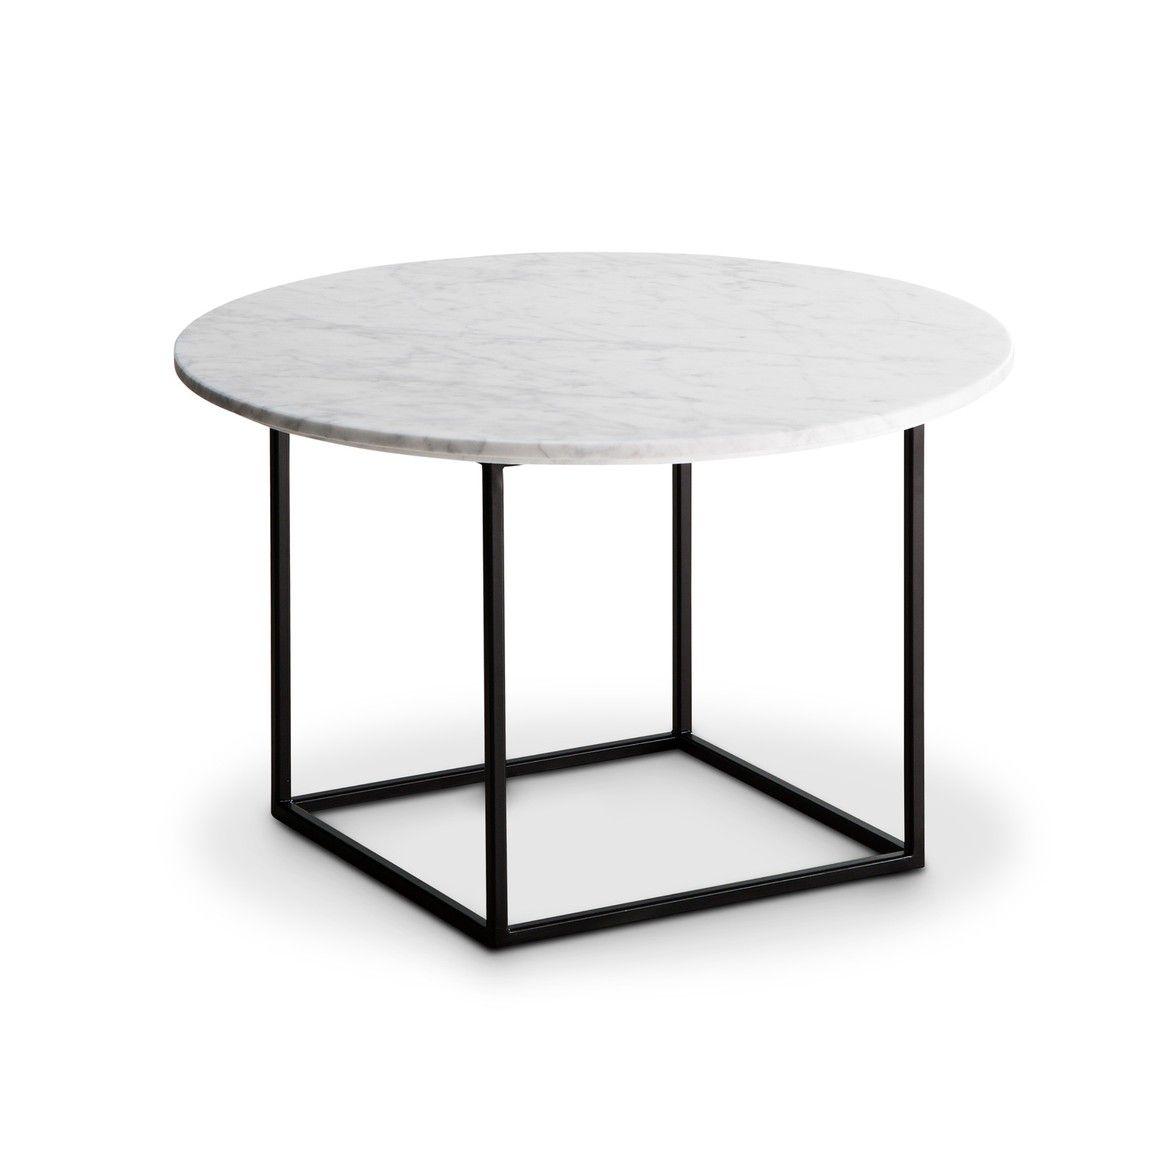 Pin Von Chaellyz X Auf Th Dmg In 2020 Clubtisch Beistelltische Tisch